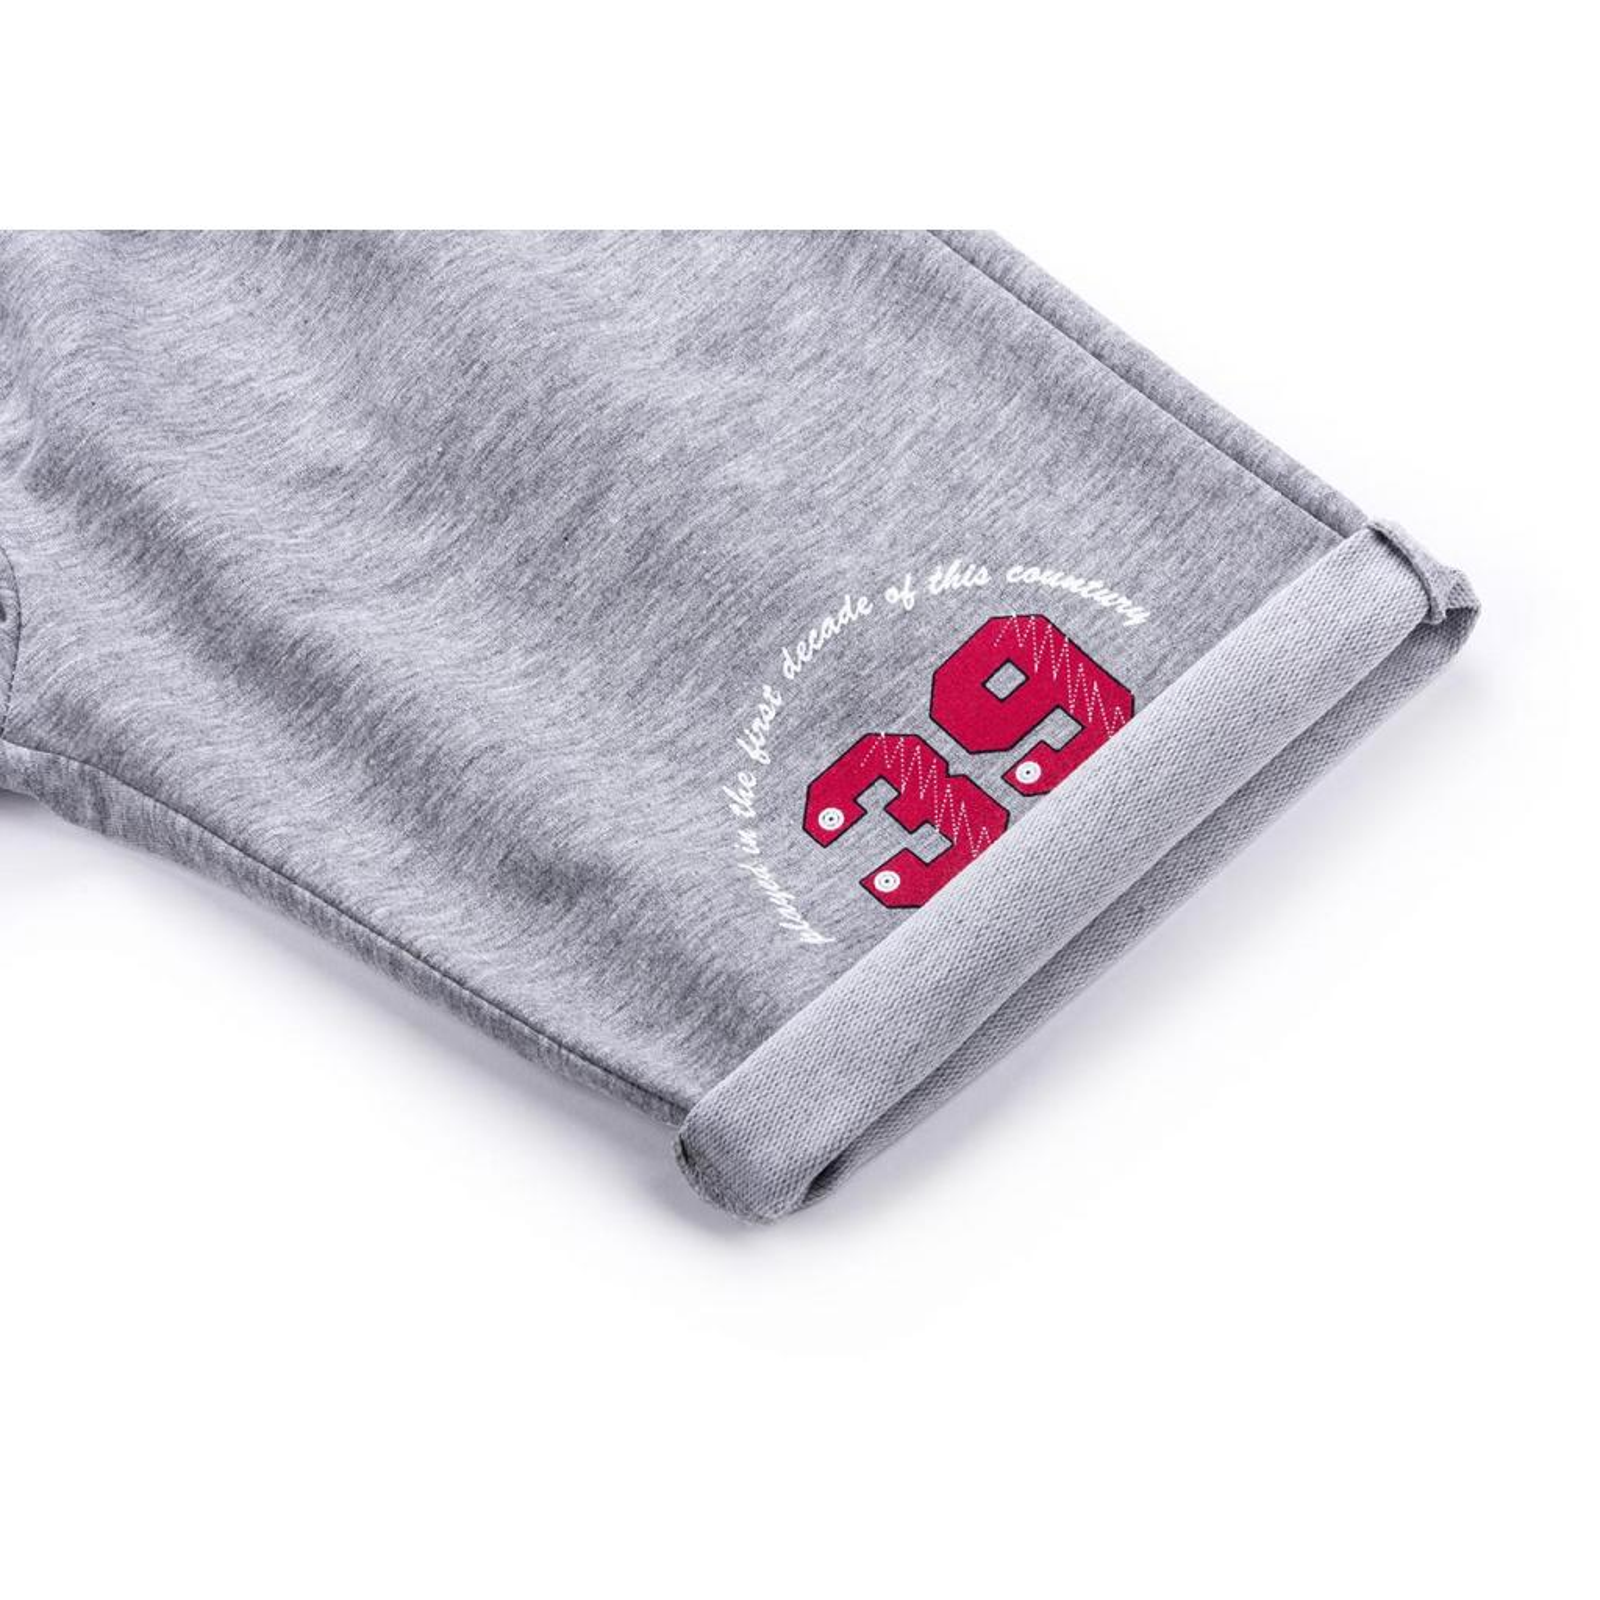 Шорты Breeze трикотажные с карманами (10755-128B-gray) изображение 4